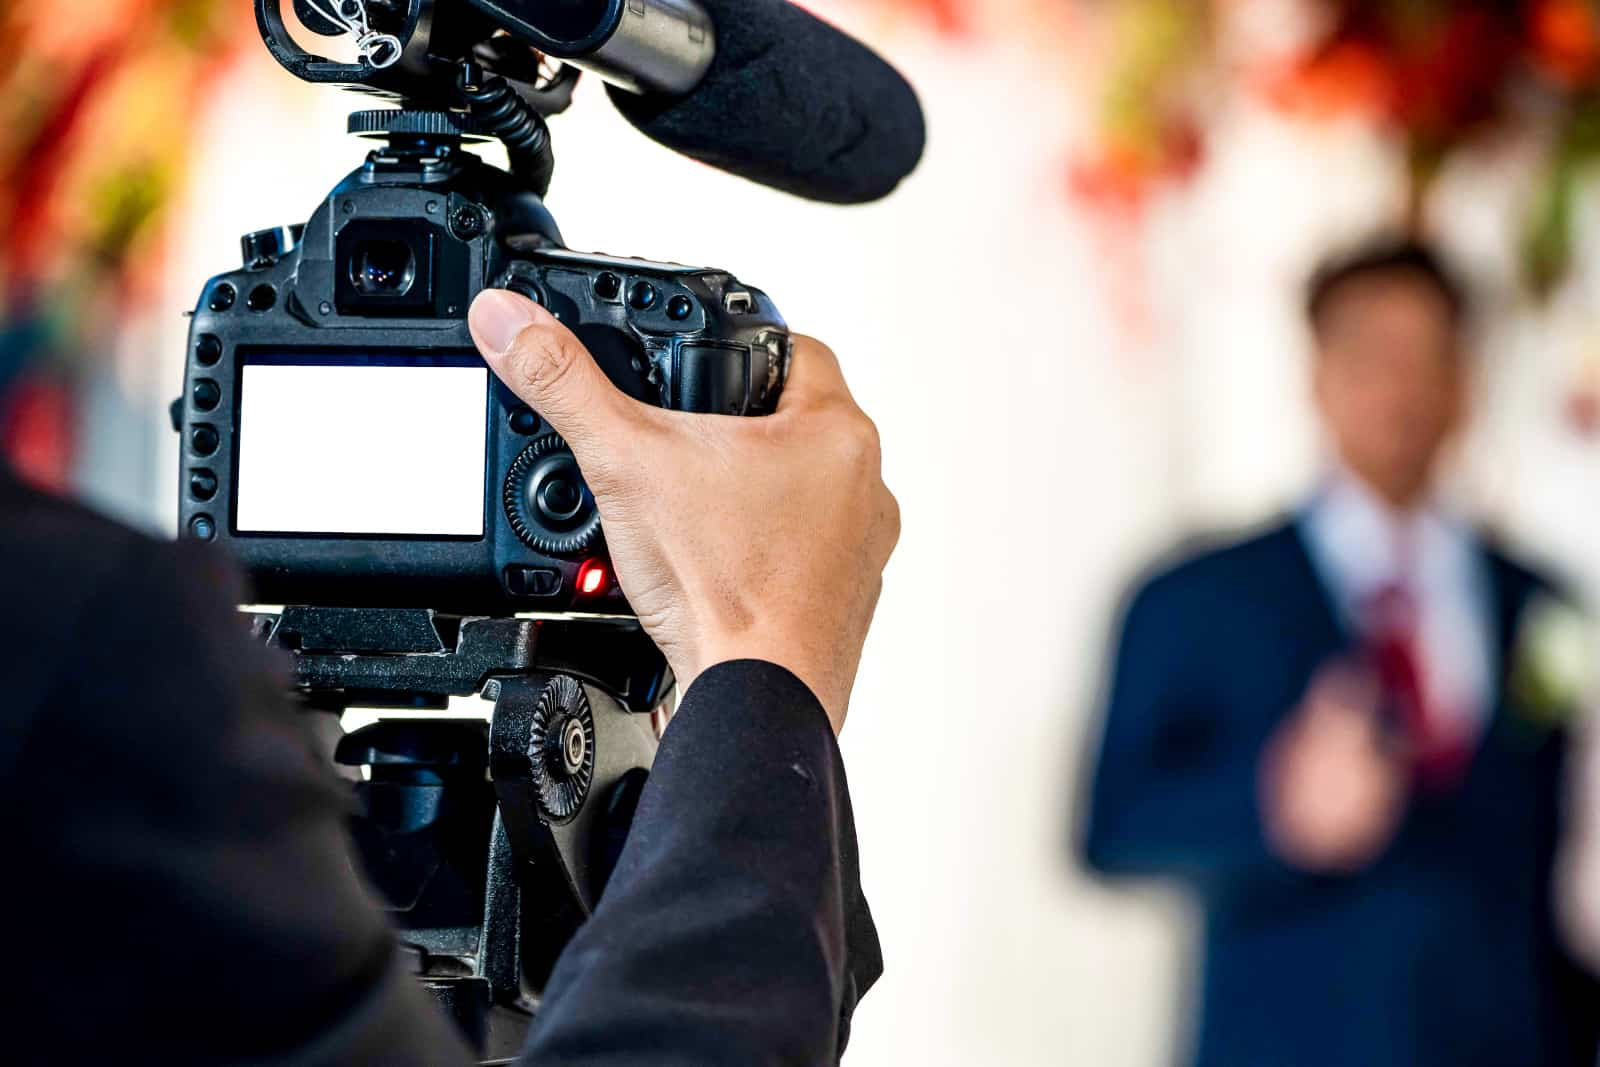 Der Kameramann erschießt den Bräutigam und wartet auf die Braut